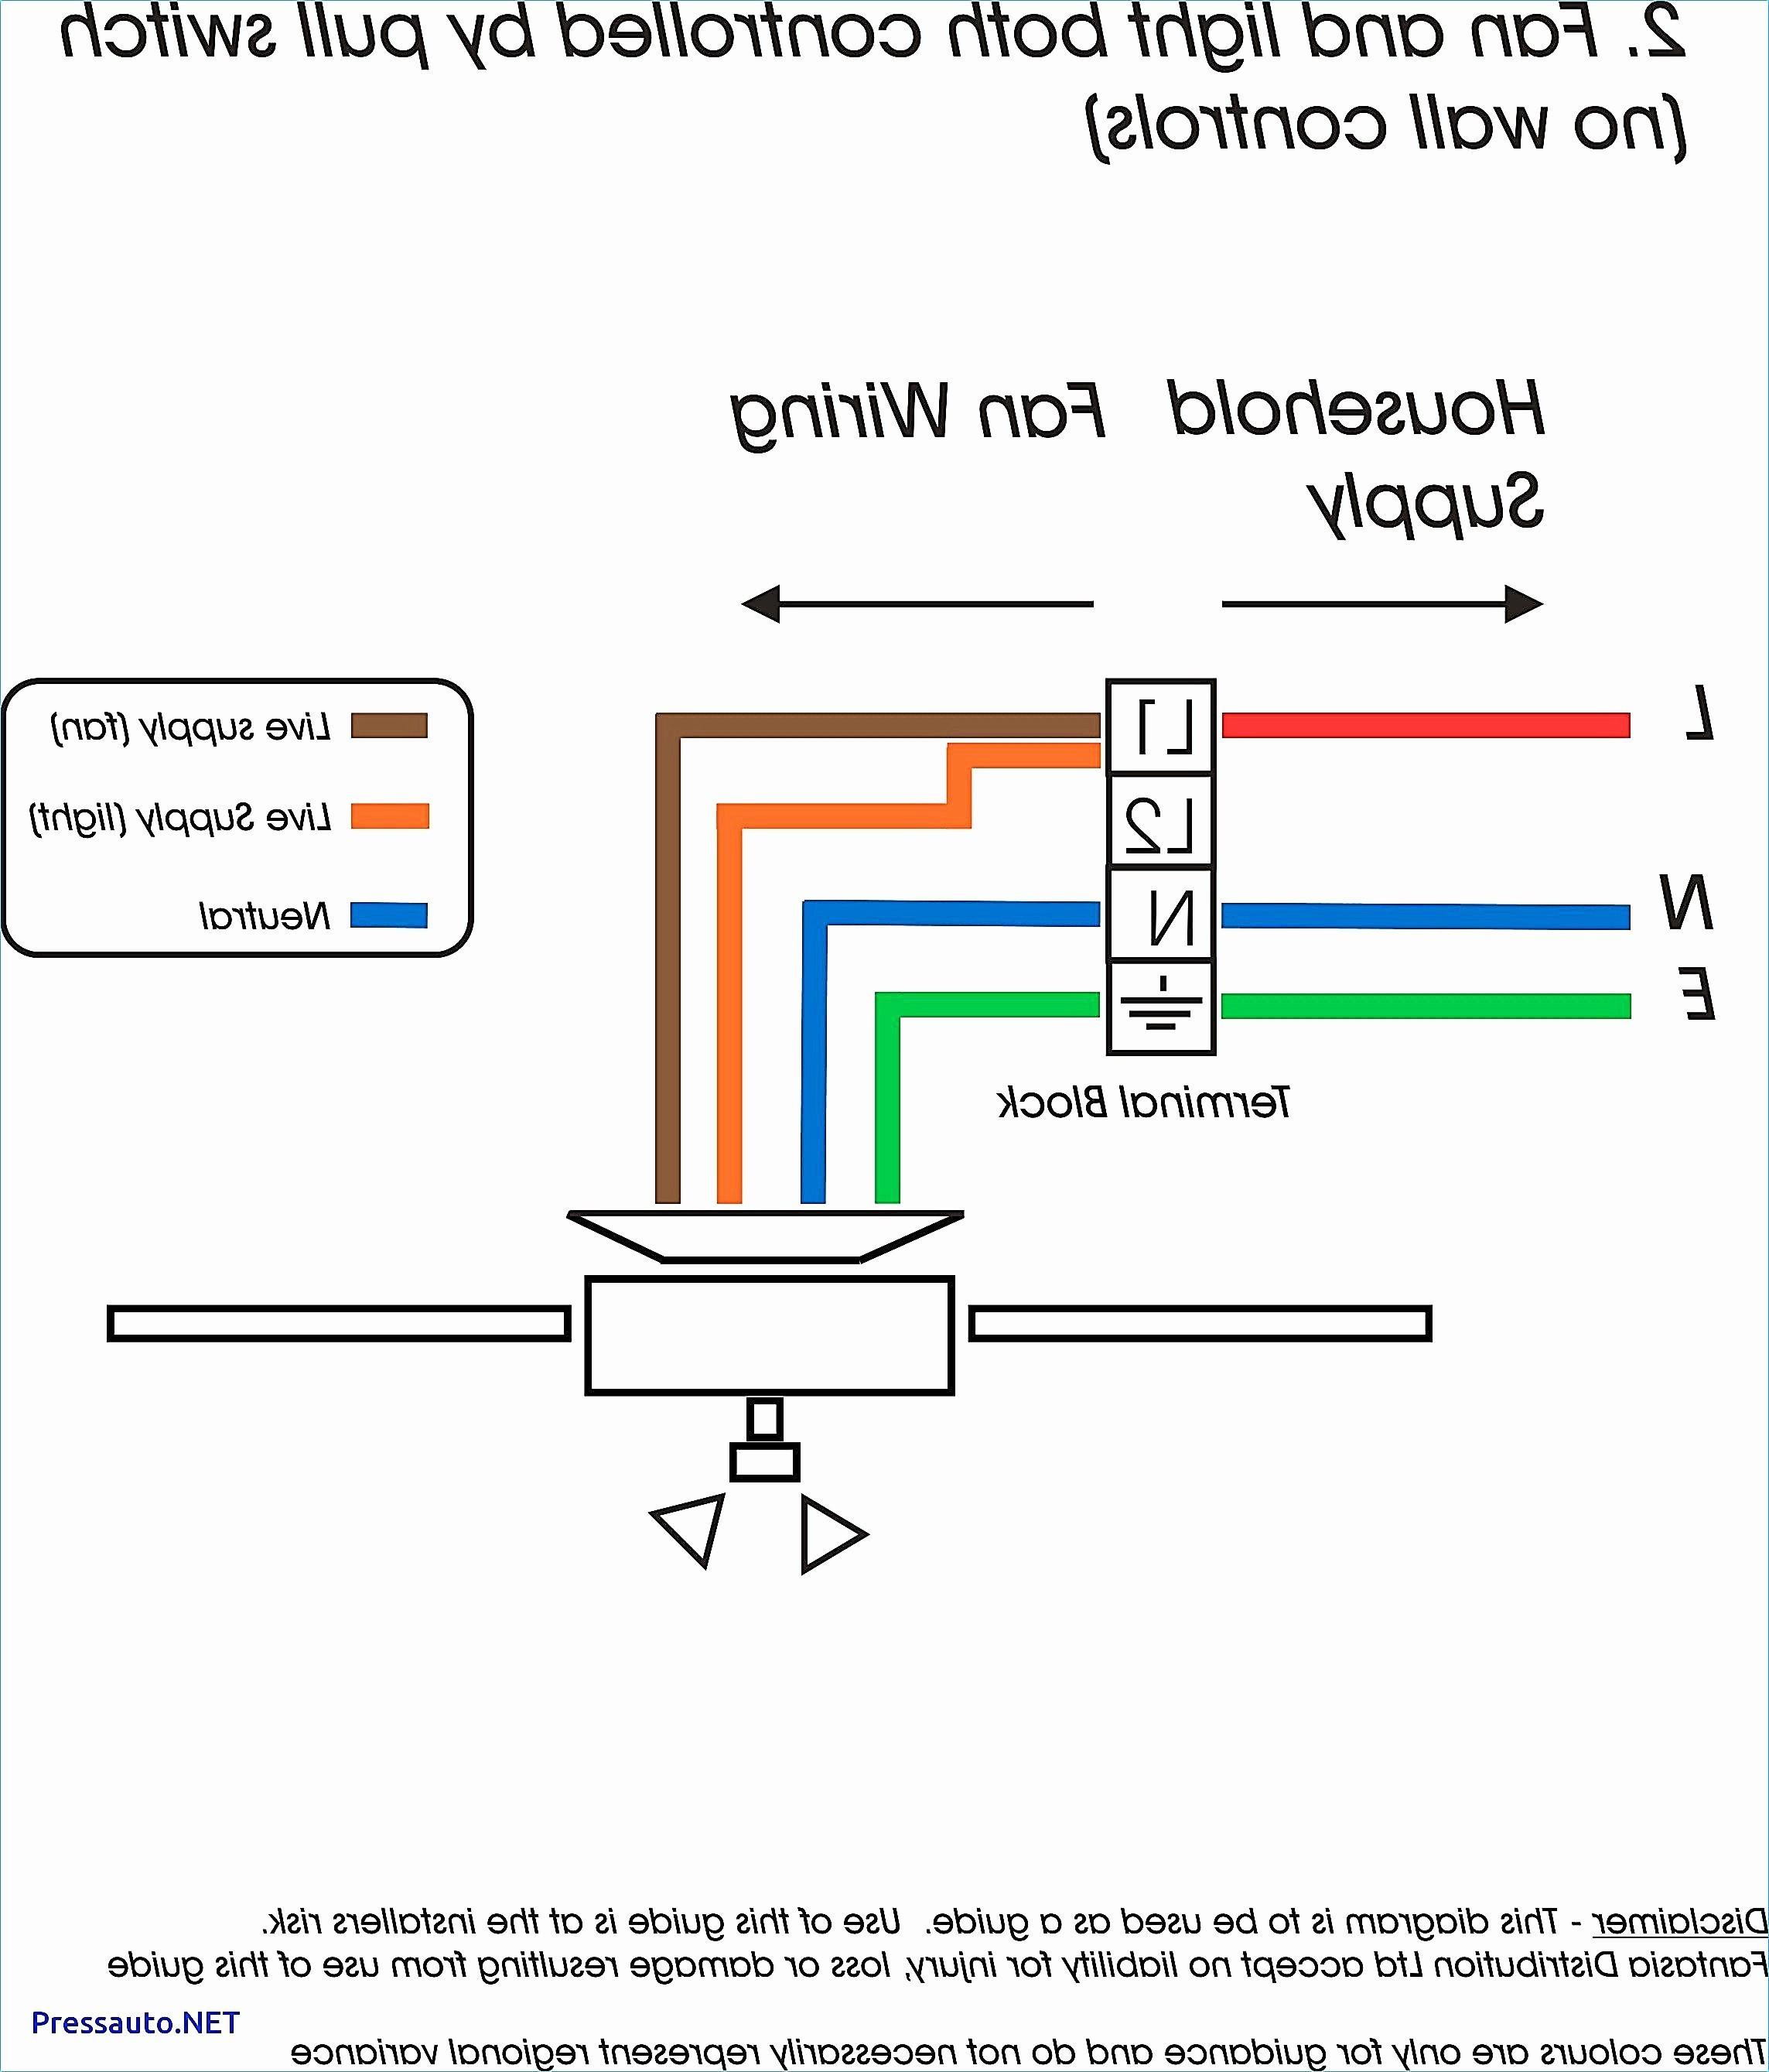 Xlr Connector Wiring Diagram 6 Way Plug Wiring Diagram Beautiful 5 Way Flat Trailer Plug Wiring Of Xlr Connector Wiring Diagram